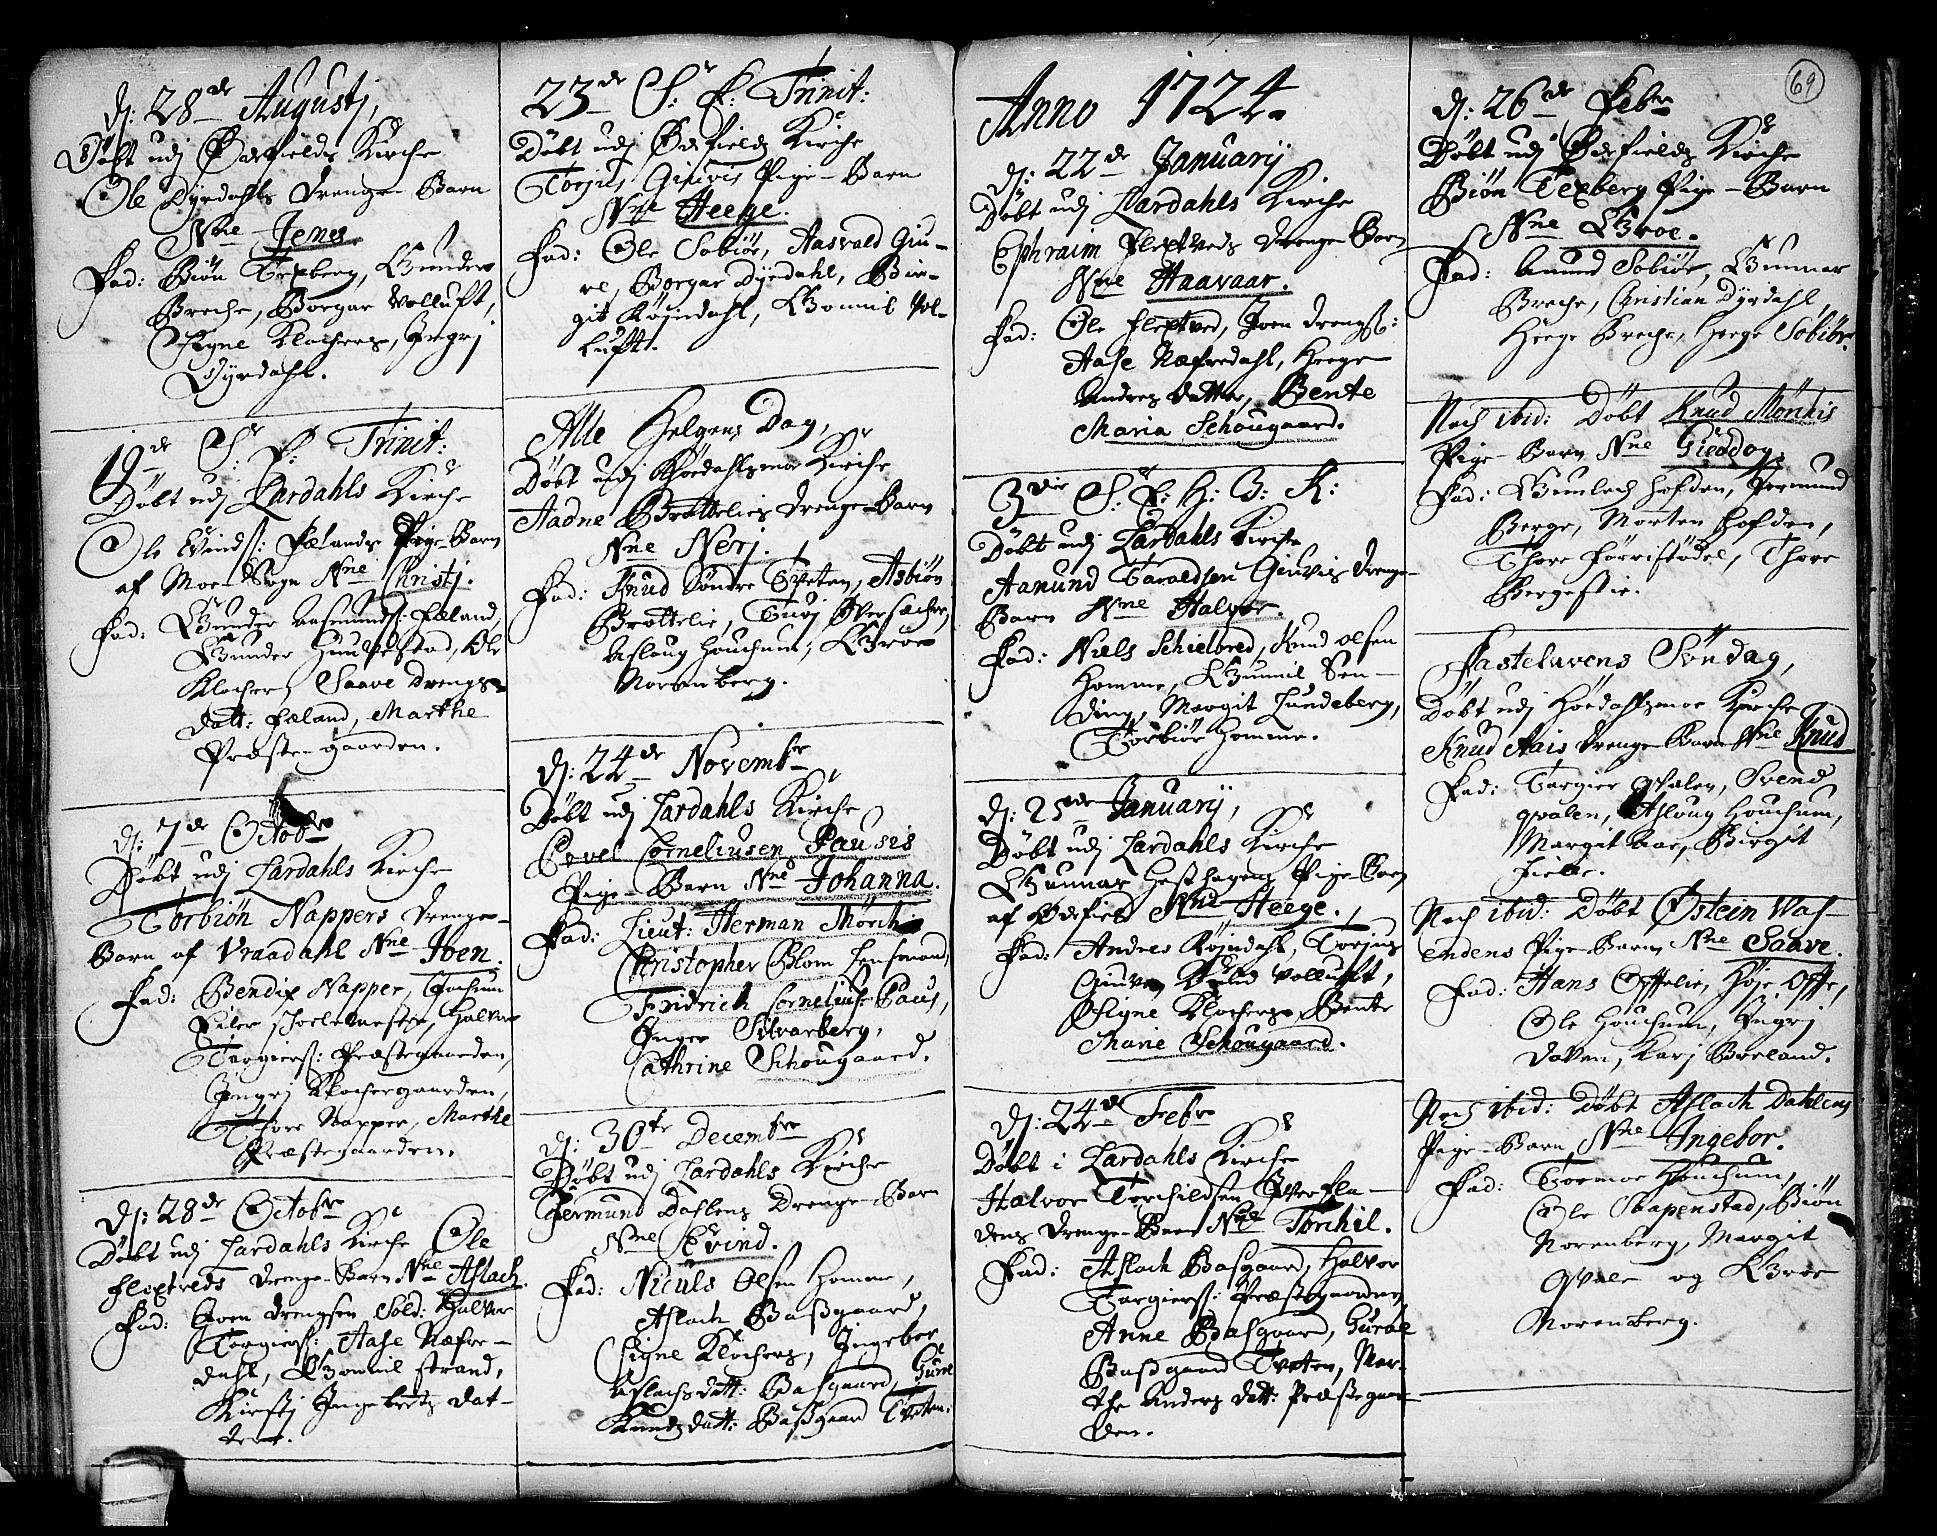 SAKO, Lårdal kirkebøker, F/Fa/L0001: Ministerialbok nr. I 1, 1721-1734, s. 69